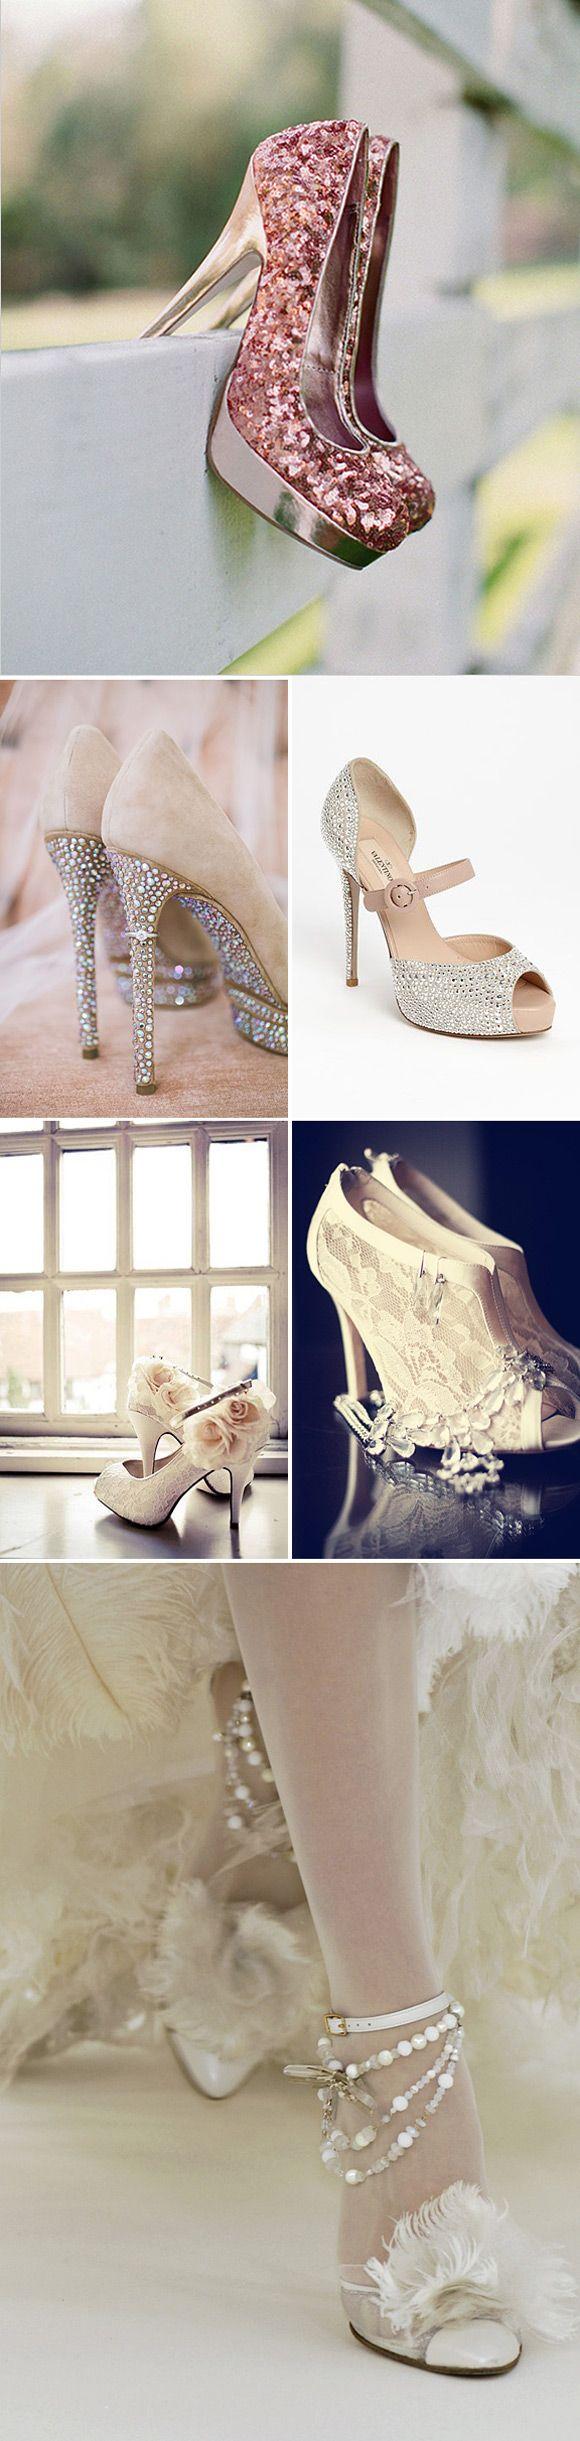 Zapatos de novia con taconazos de pelicula